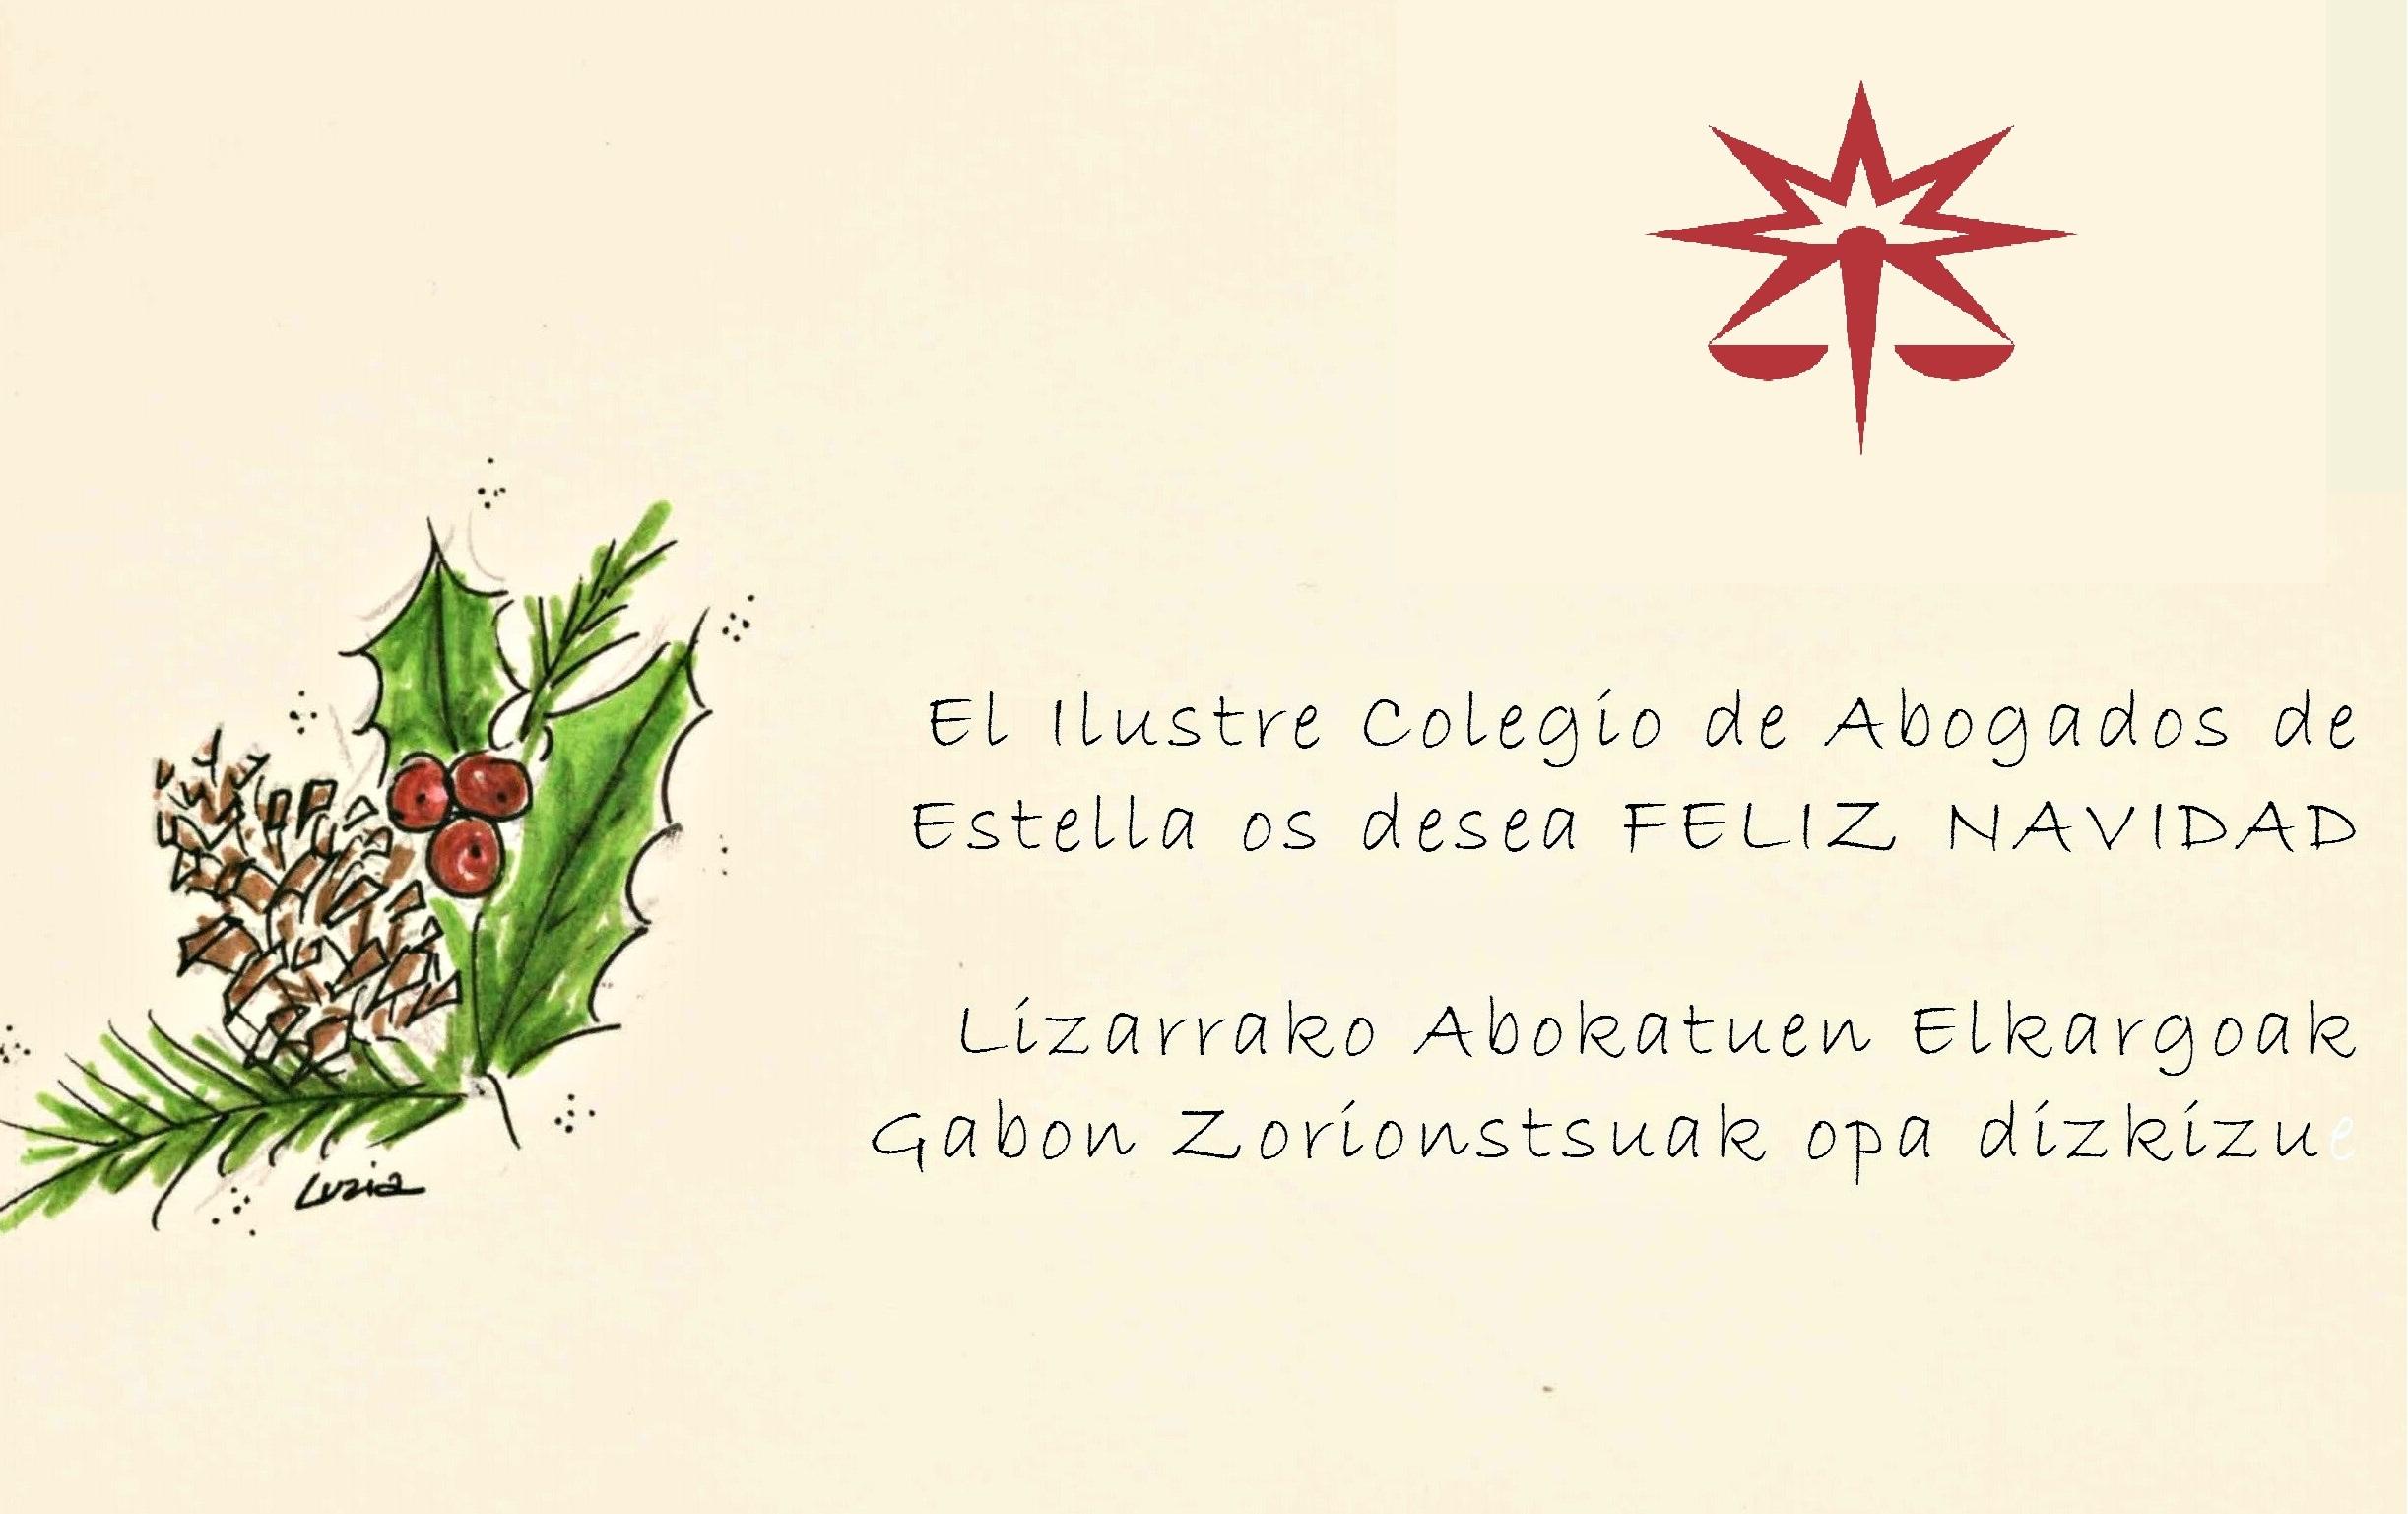 Imagenes Felicitacion Navidad 2019.Felicitacion De Navidad Actualidad Ilustre Colegio De